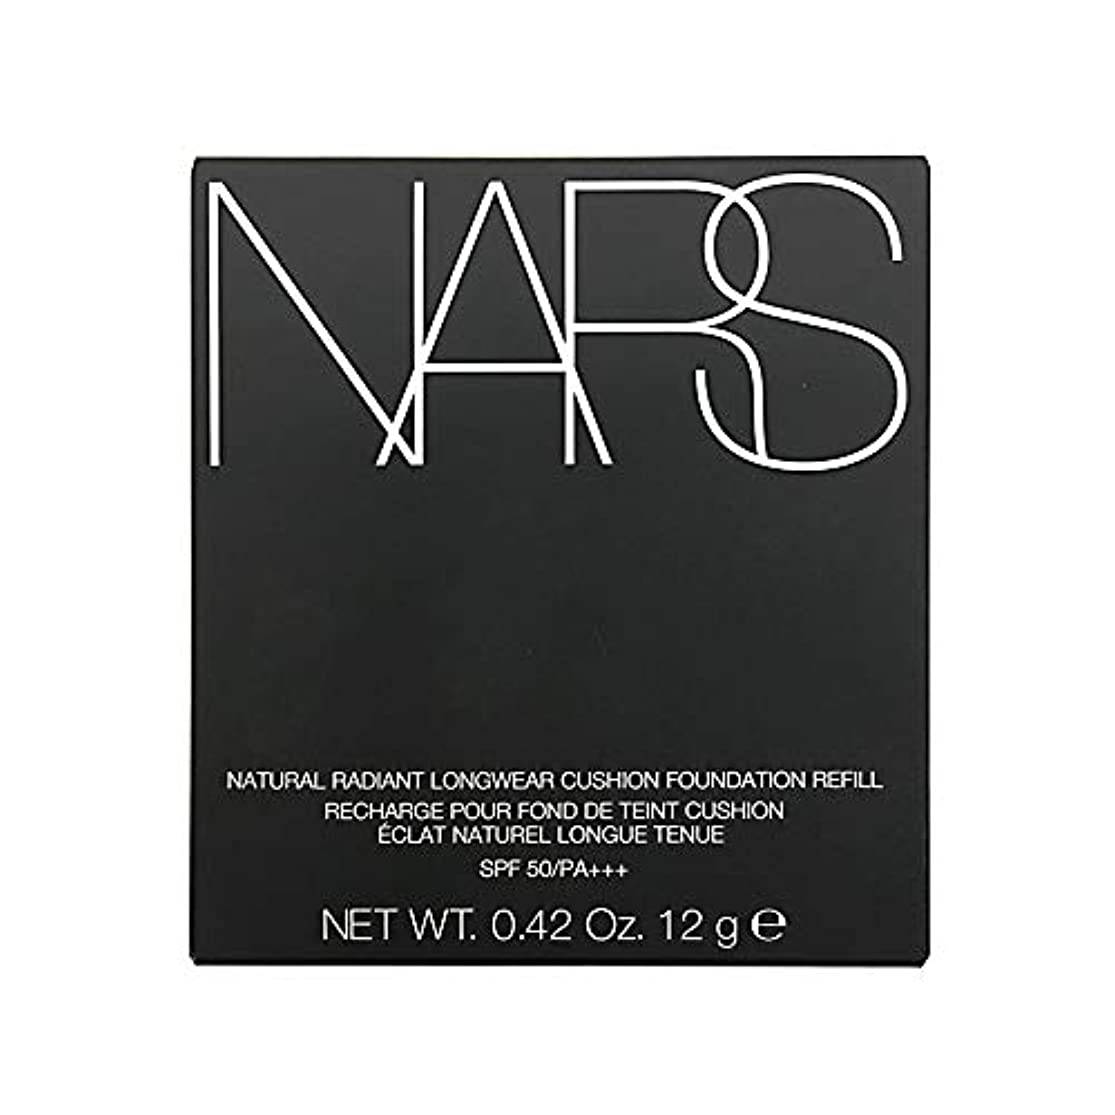 最初注入する酔ったナーズ/NARS ナチュラルラディアント ロングウェア クッションファンデーション(レフィル)#5877 [ クッションファンデ ] [並行輸入品]